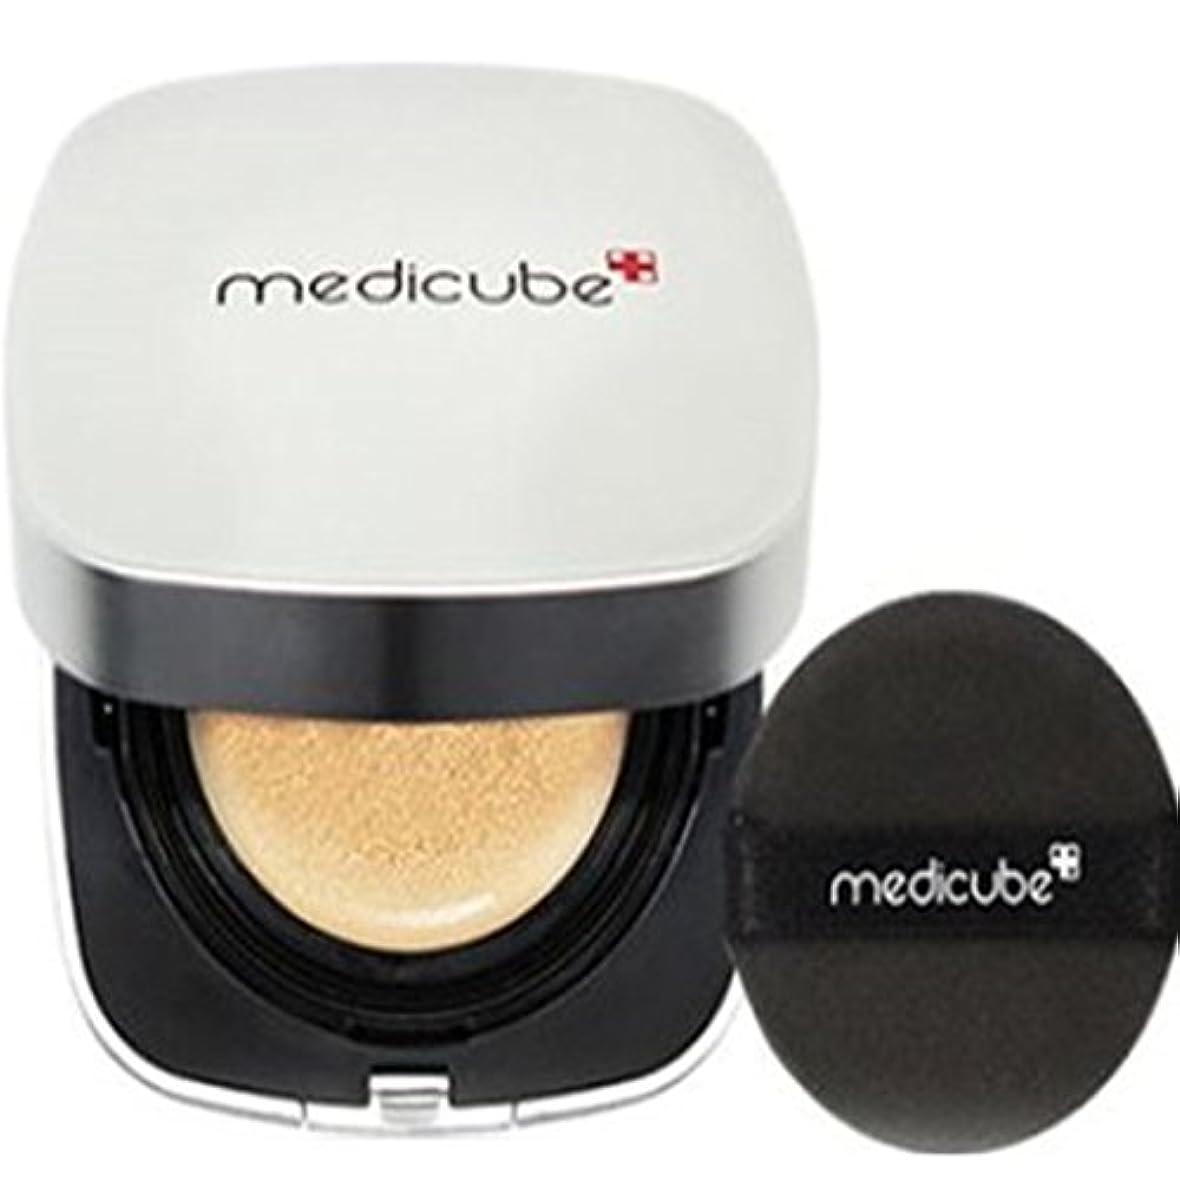 減るエンドテーブルホイスト[Medicube メディキューブ] レッドクッション - シェード23号ナチュラルベージュ / Red Cushion - Shade 23 Natural Beige [並行輸入品]